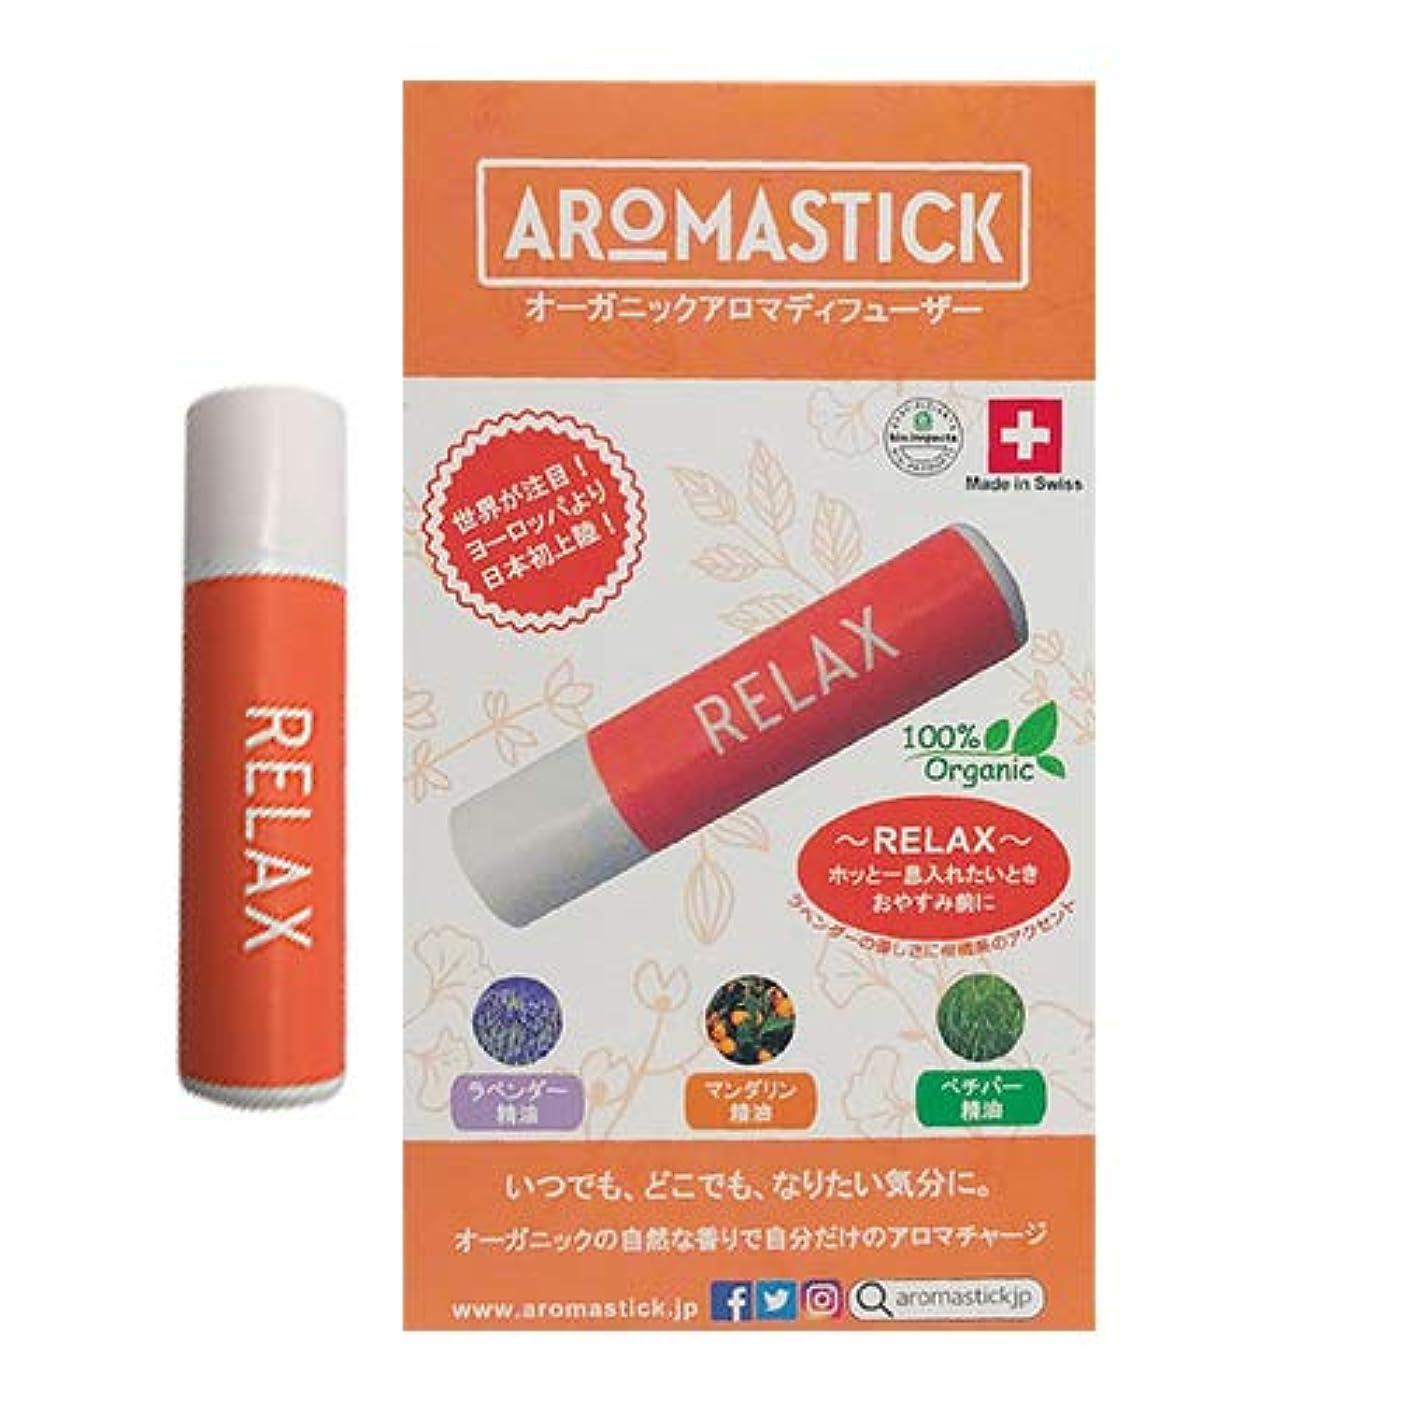 ウェイター説得議論するオーガニックアロマディフューザー アロマスティック(aromastick) リラックス [RELAX] ×3個セット